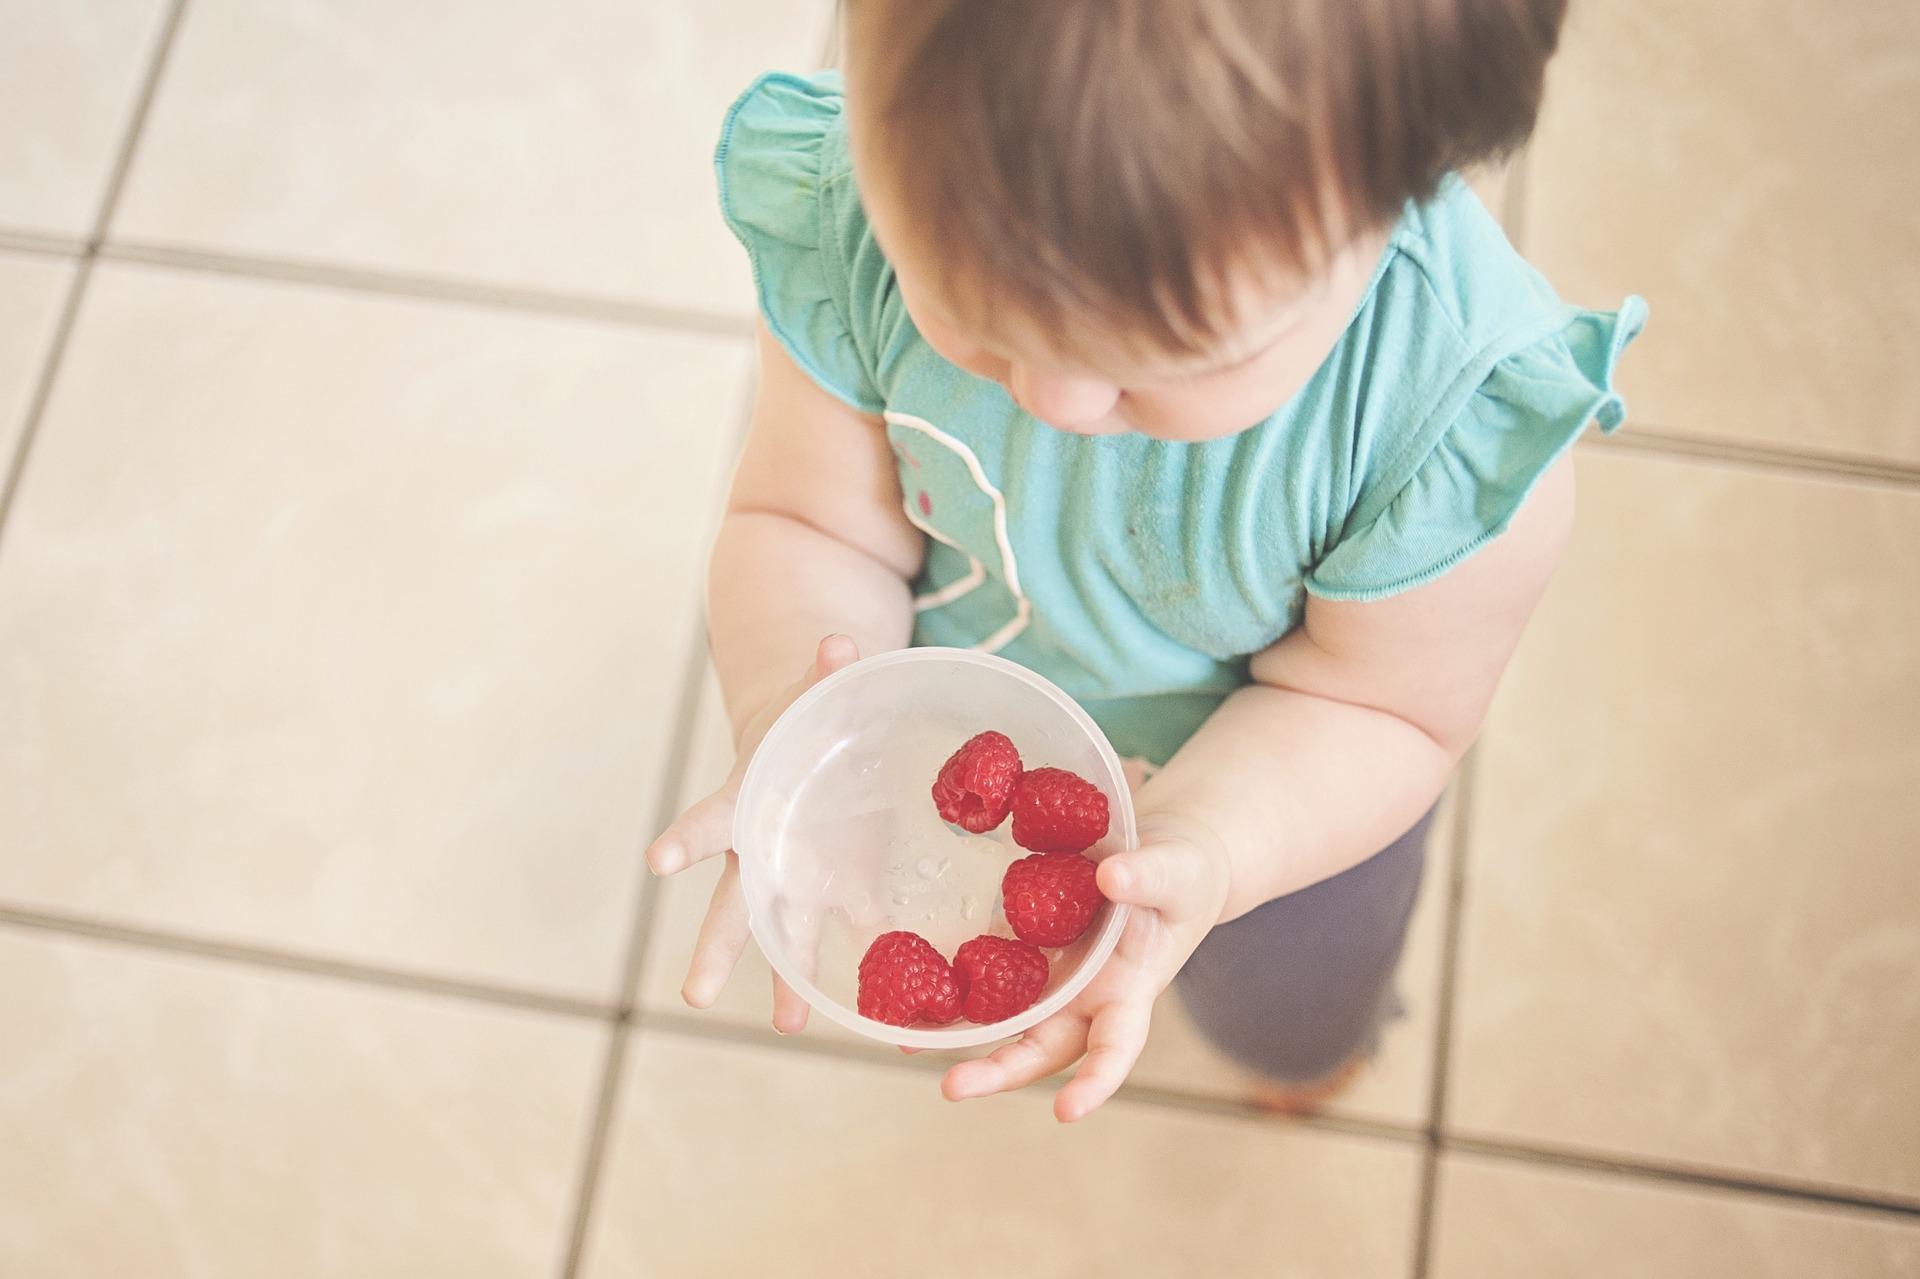 Un enfant en tee-shirt bleu en train de amnger des fruits